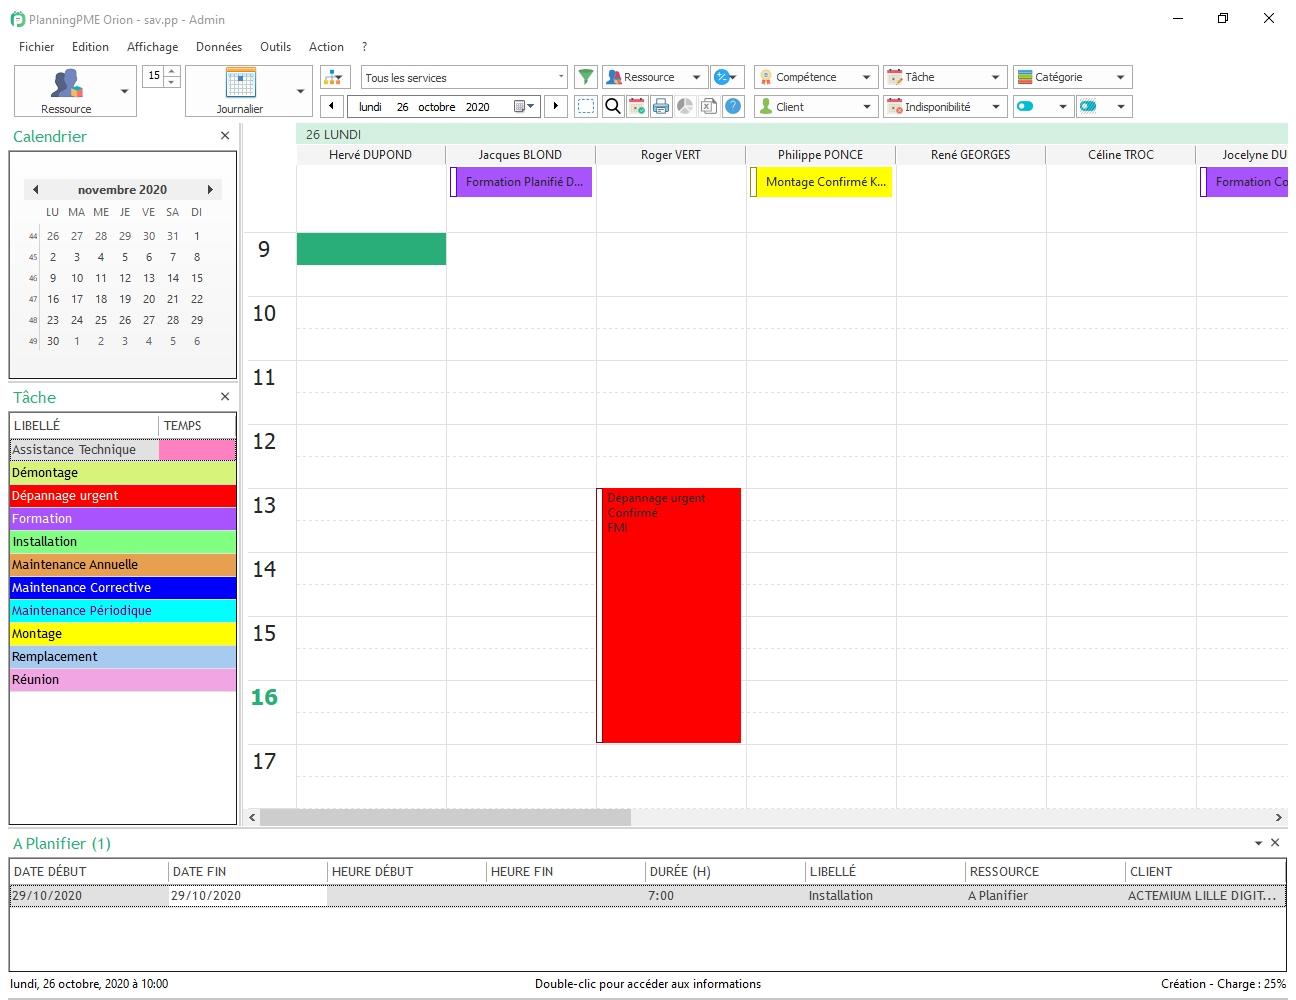 créer un agenda partagé avec planningpme